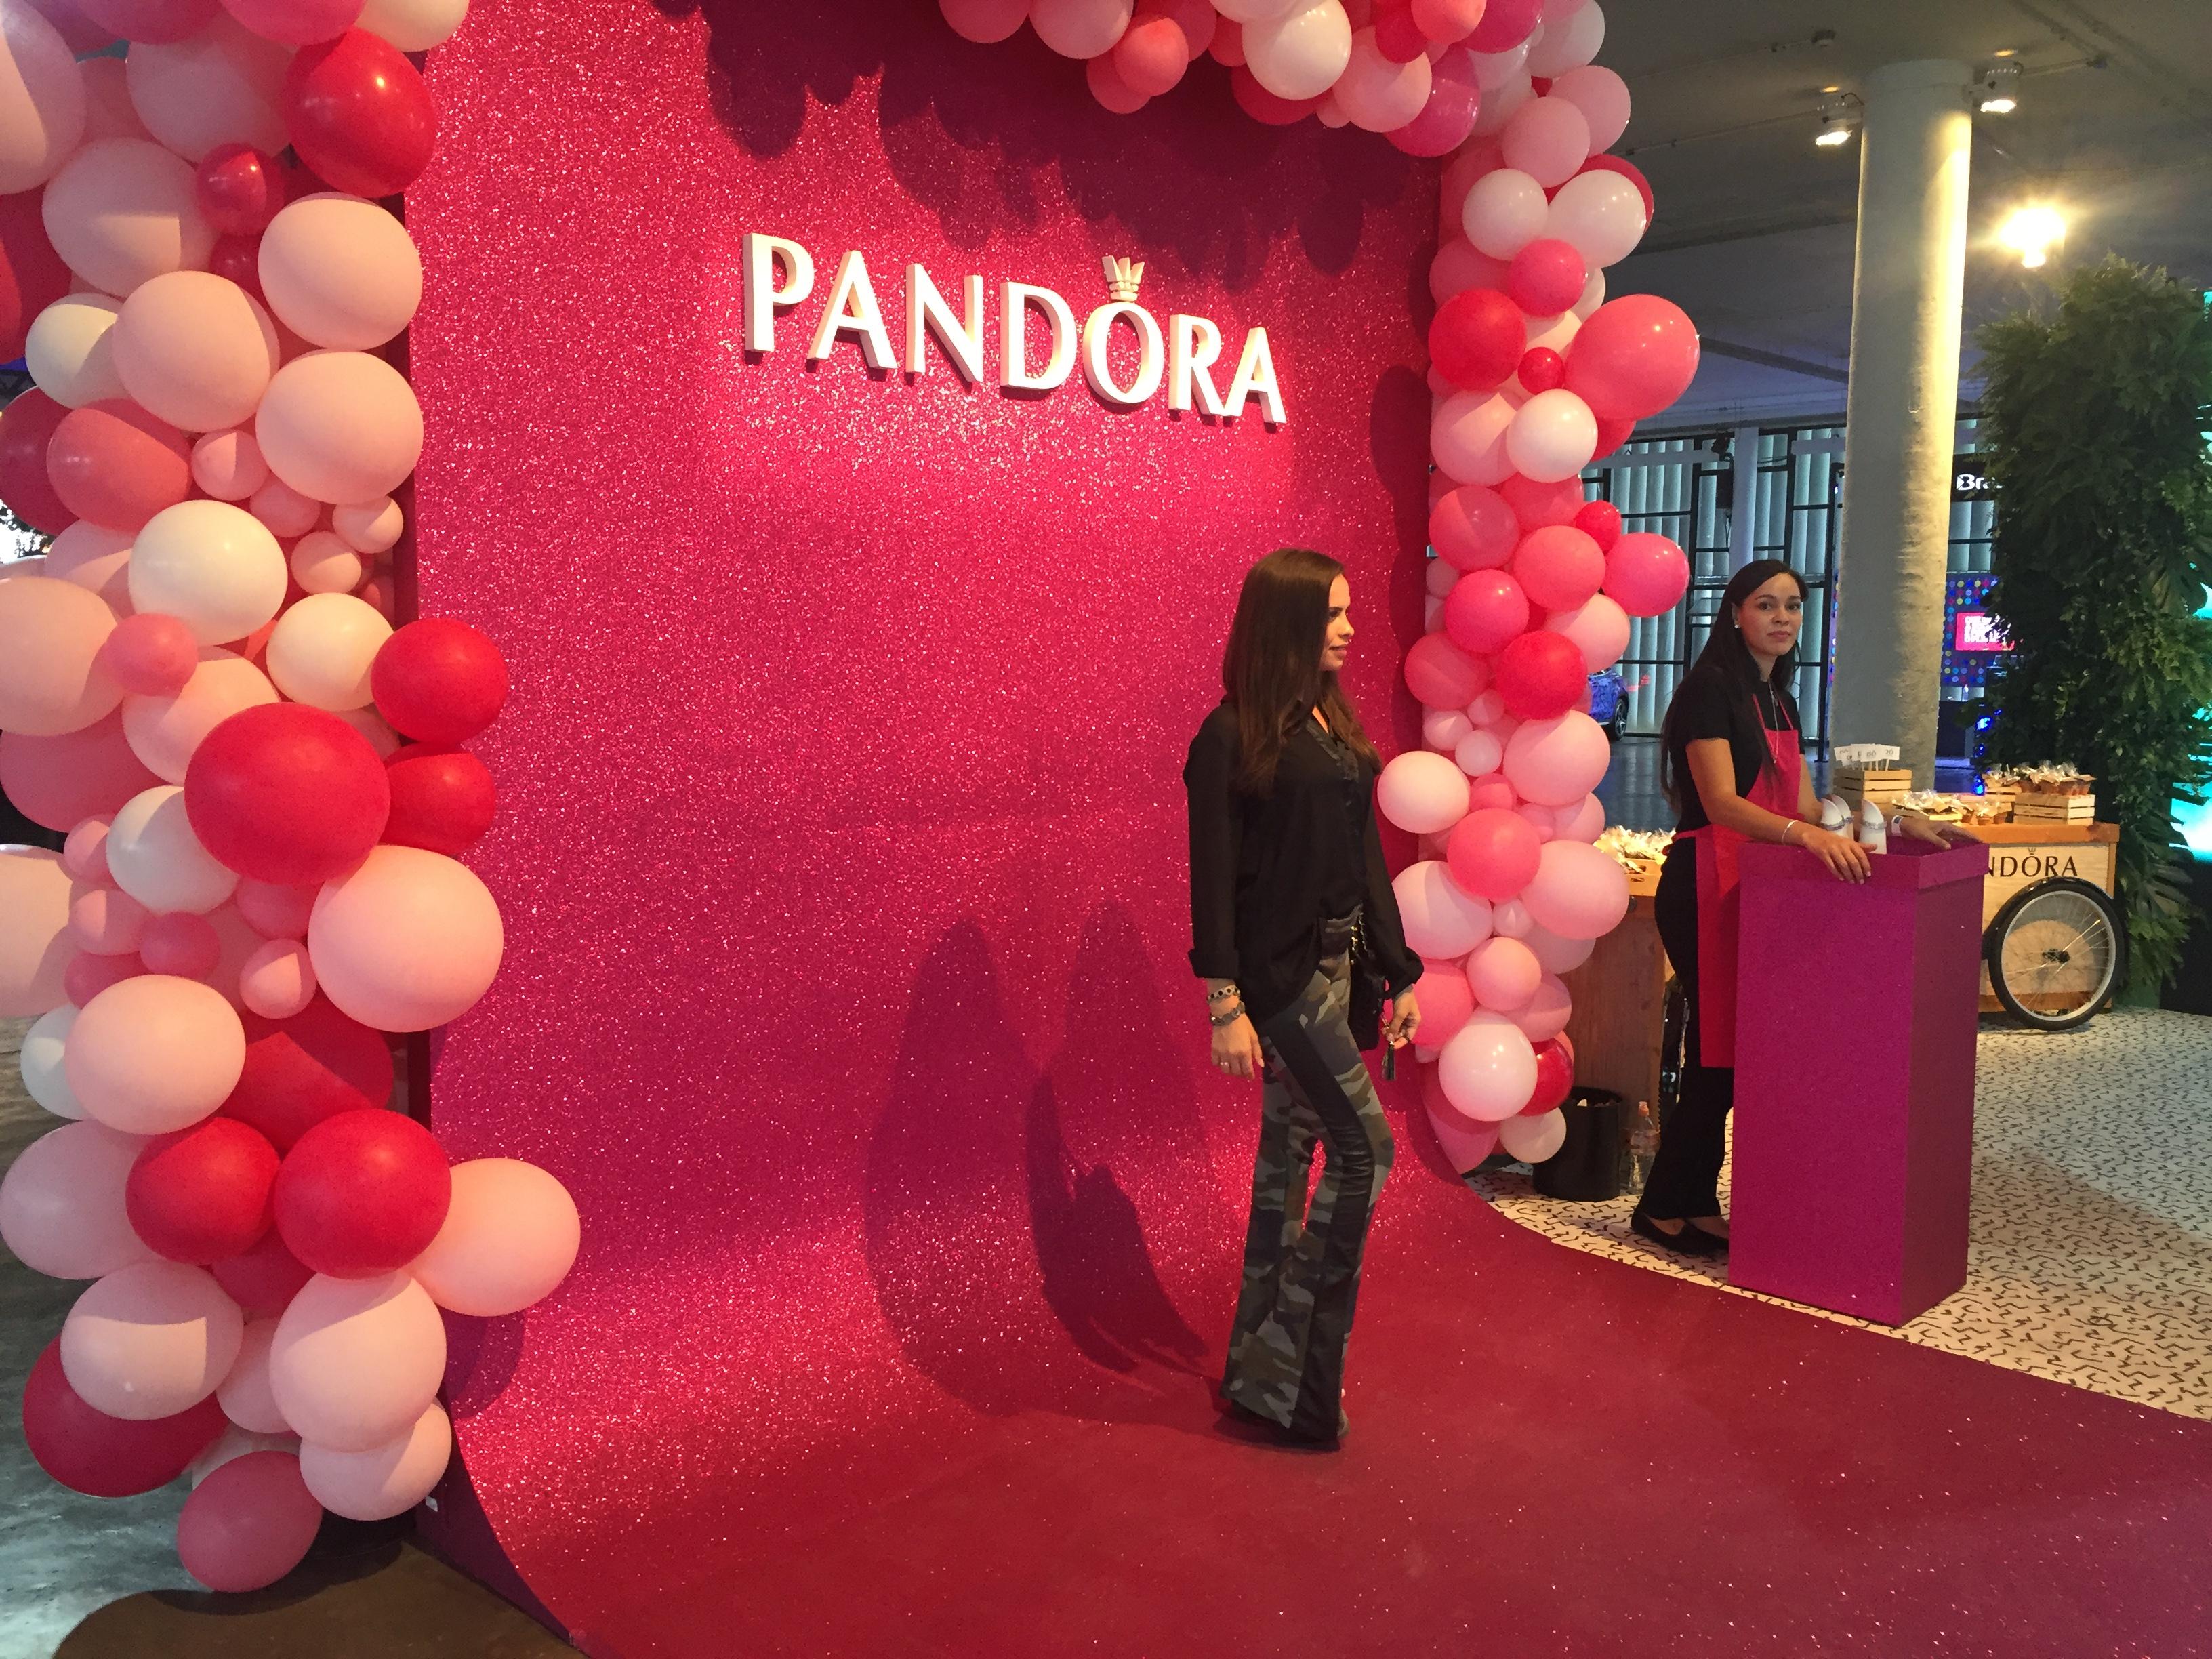 Lounge Pandora - Crédito: Thayse Boldrini/DP